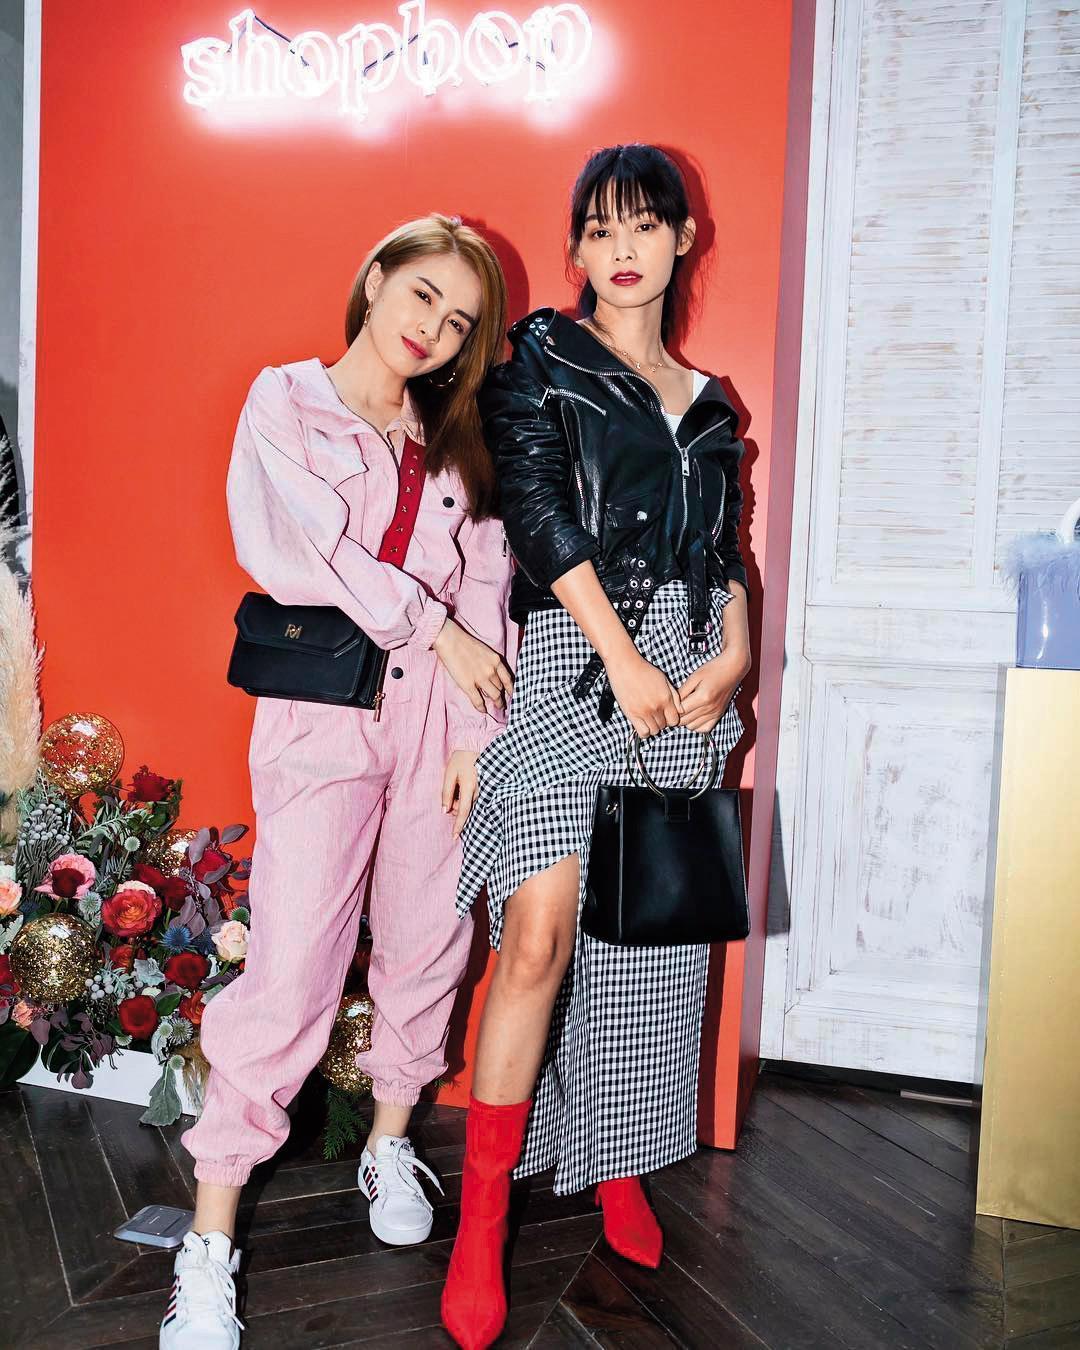 因拍手遊廣告把頭髮染成金色的柯佳辰(左),日前跟同門師姐常立琳(右)出席時尚活動。(翻攝自柯佳辰IG)